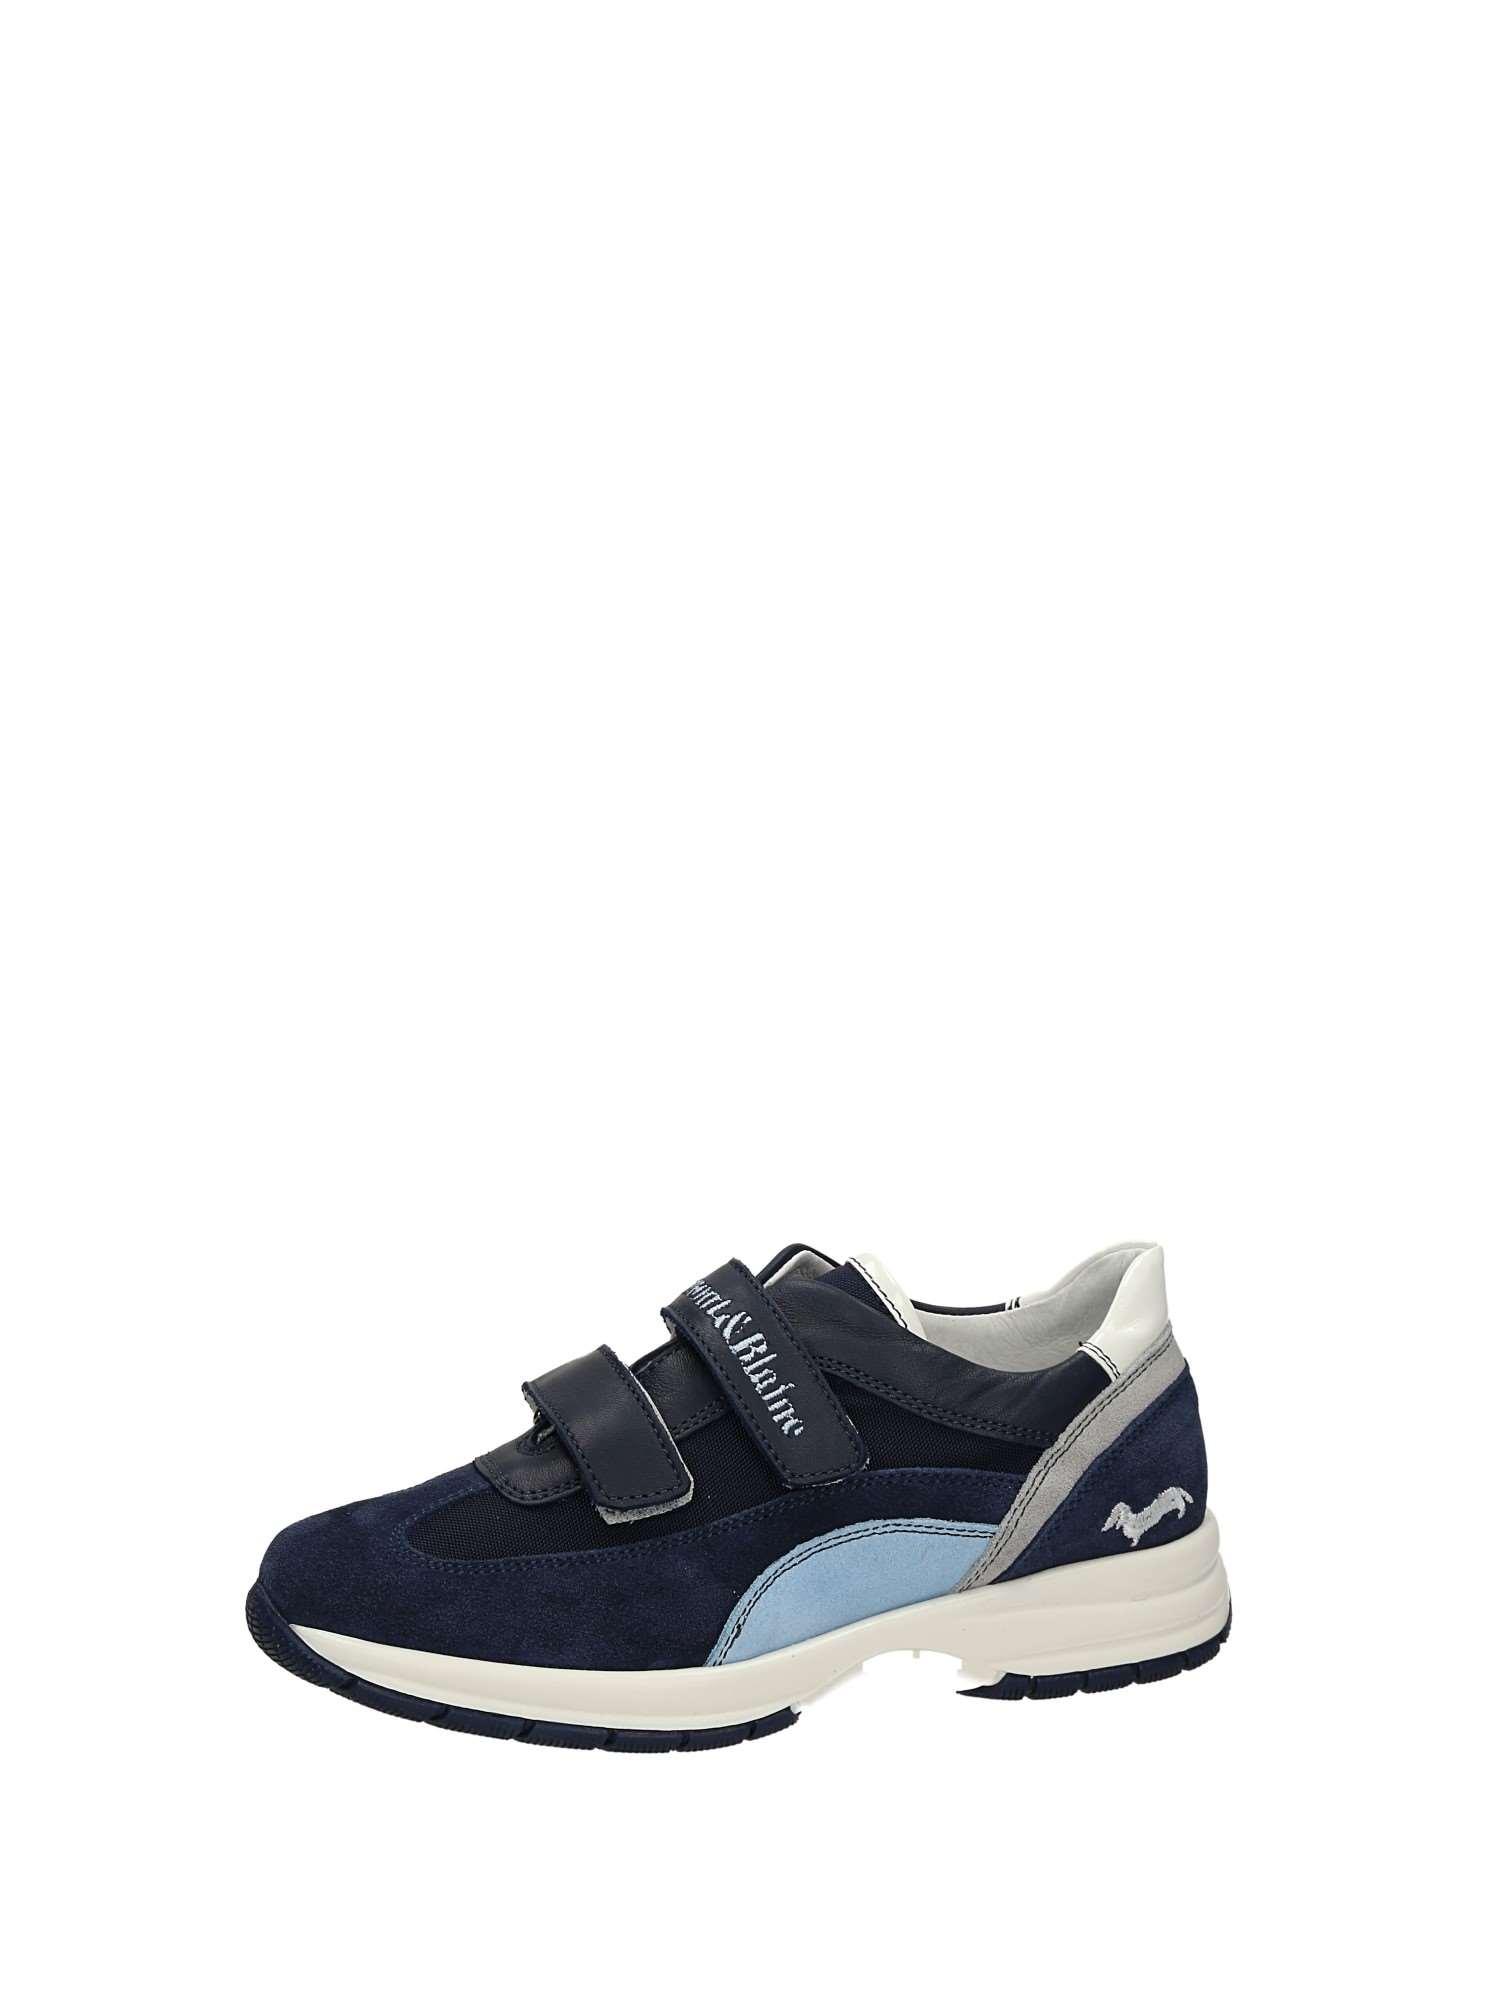 Sneakers-Strappo-Bambino-Harmont-amp-blaine-J9041-Primavera-Estate